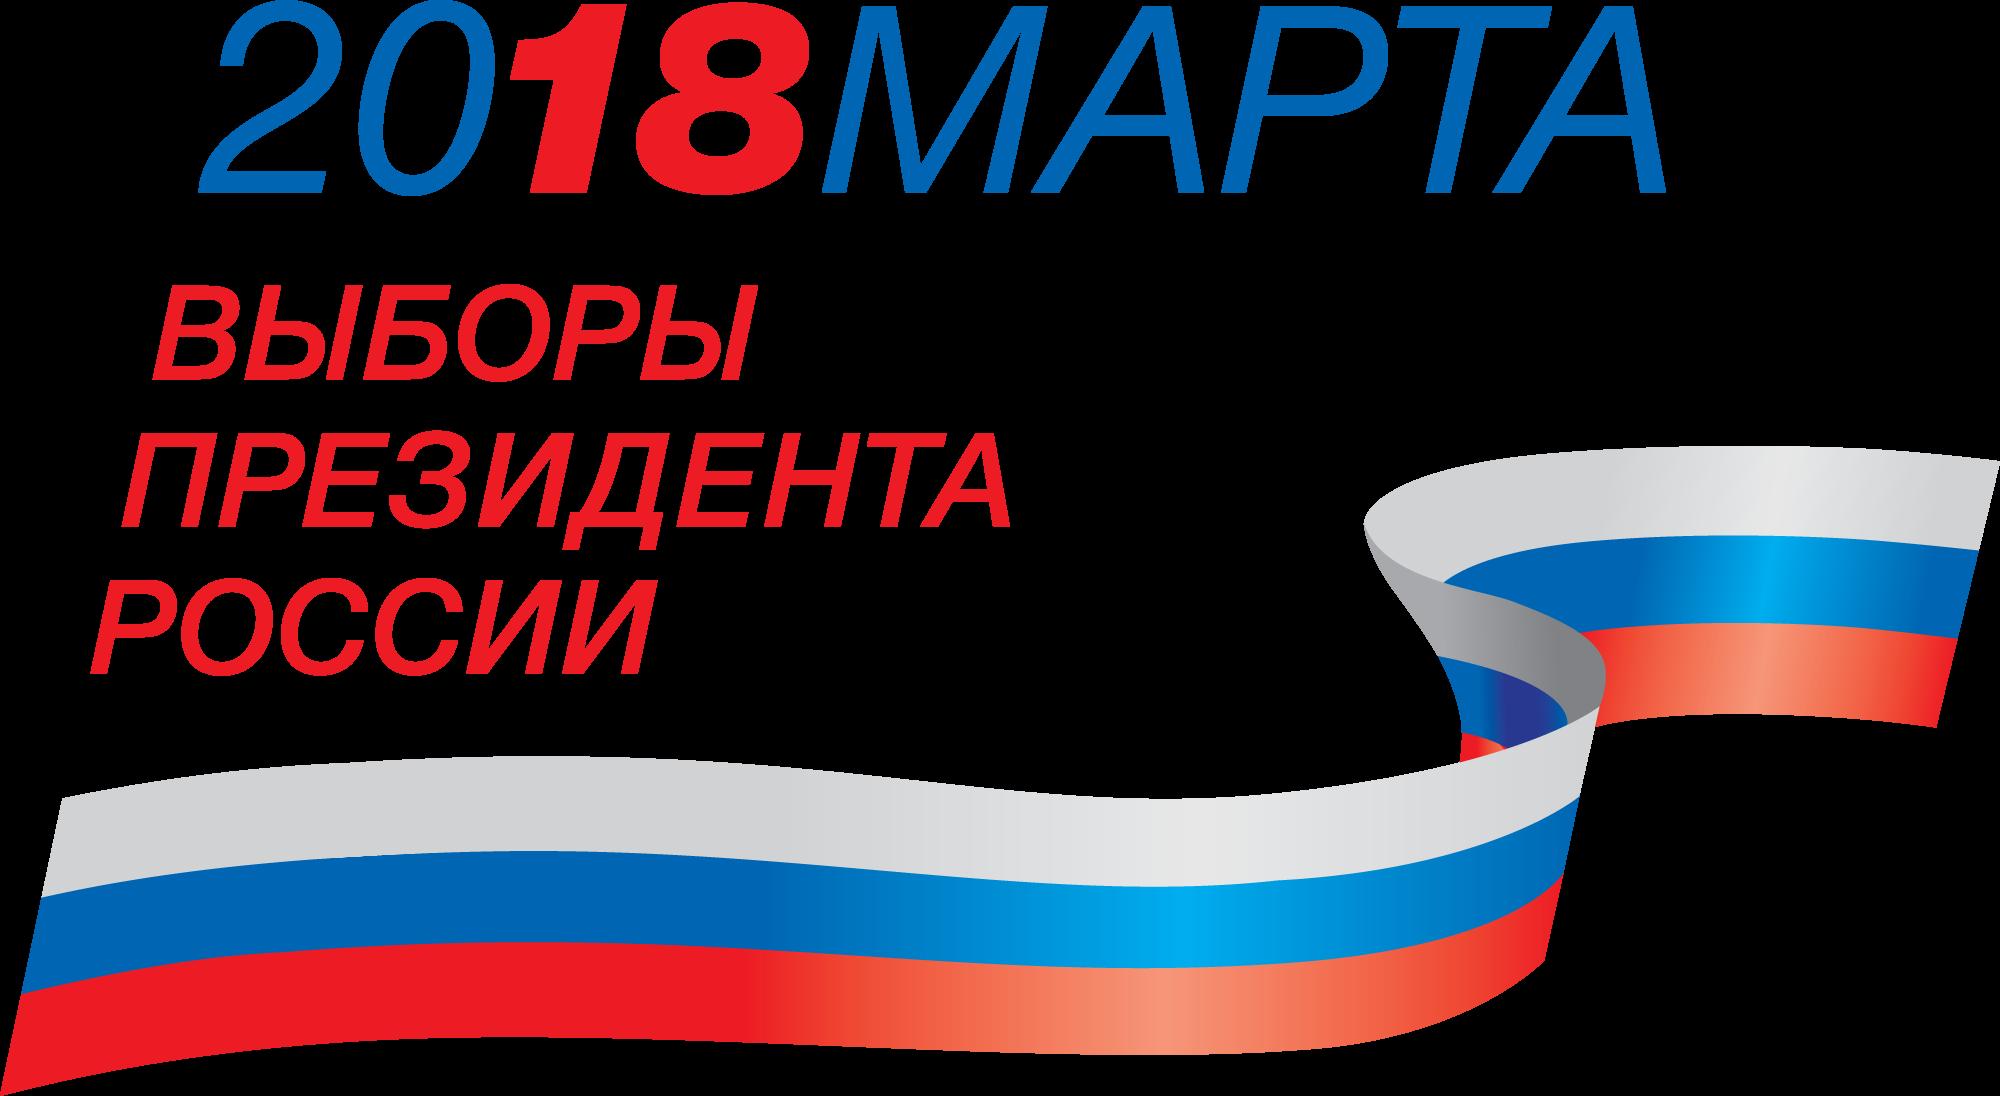 Символика (логотип) выборов в Президенты РФ 2018 года